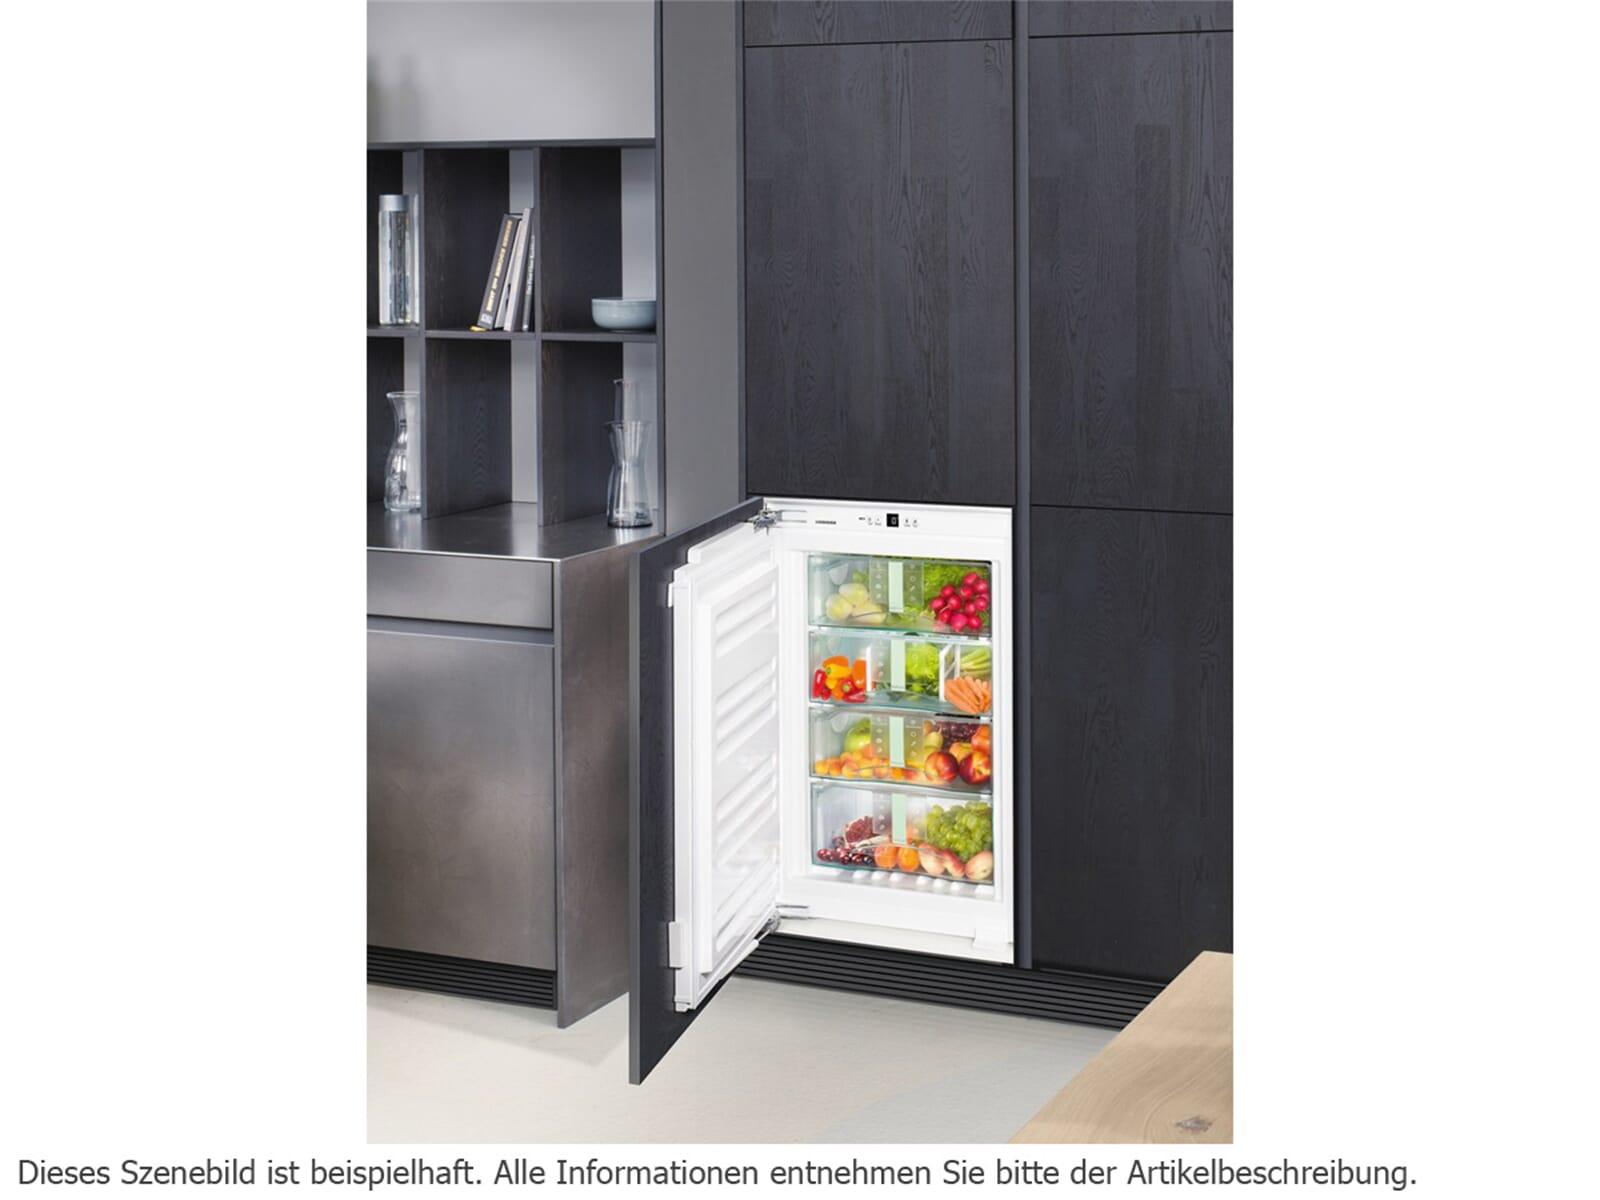 Side By Side Einbau Kühlschrank Liebherr : Liebherr ib premium biofresh einbaukühlschrank a